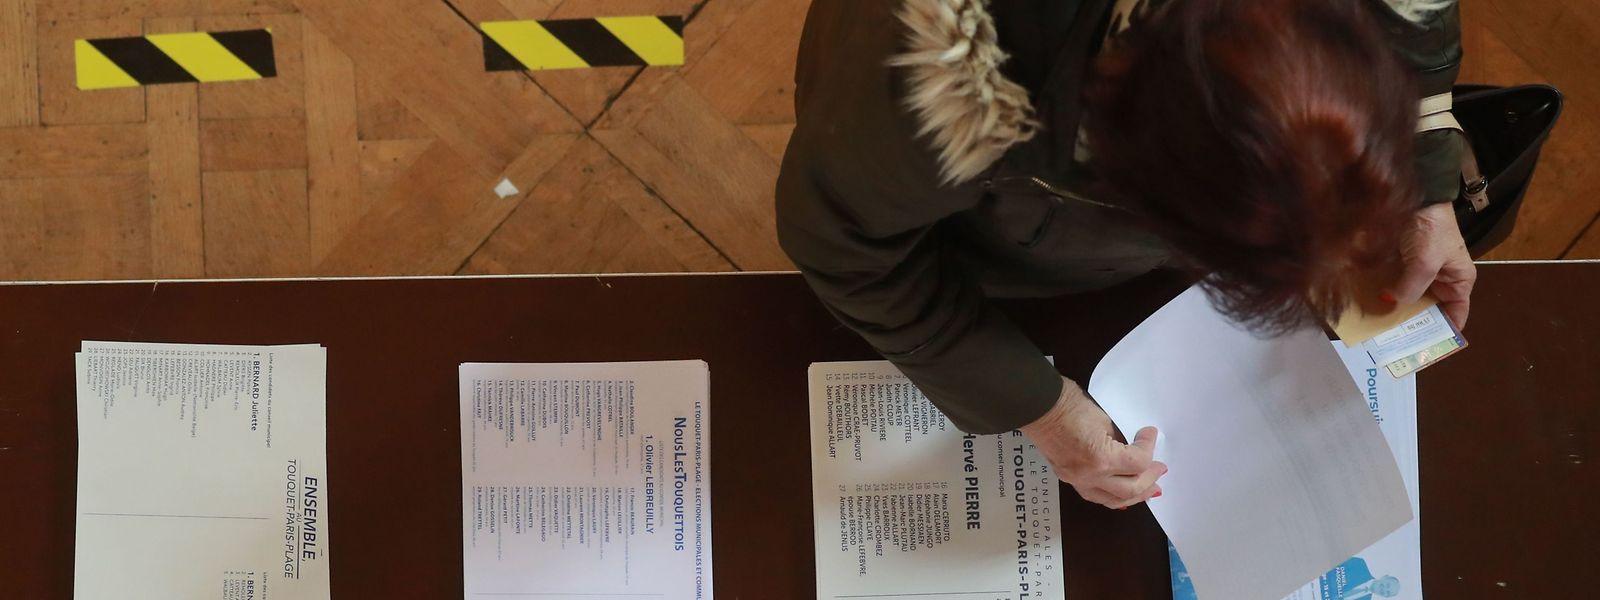 Le recours au vote par procuration «sera à nouveau facilité», a expliqué Castex.